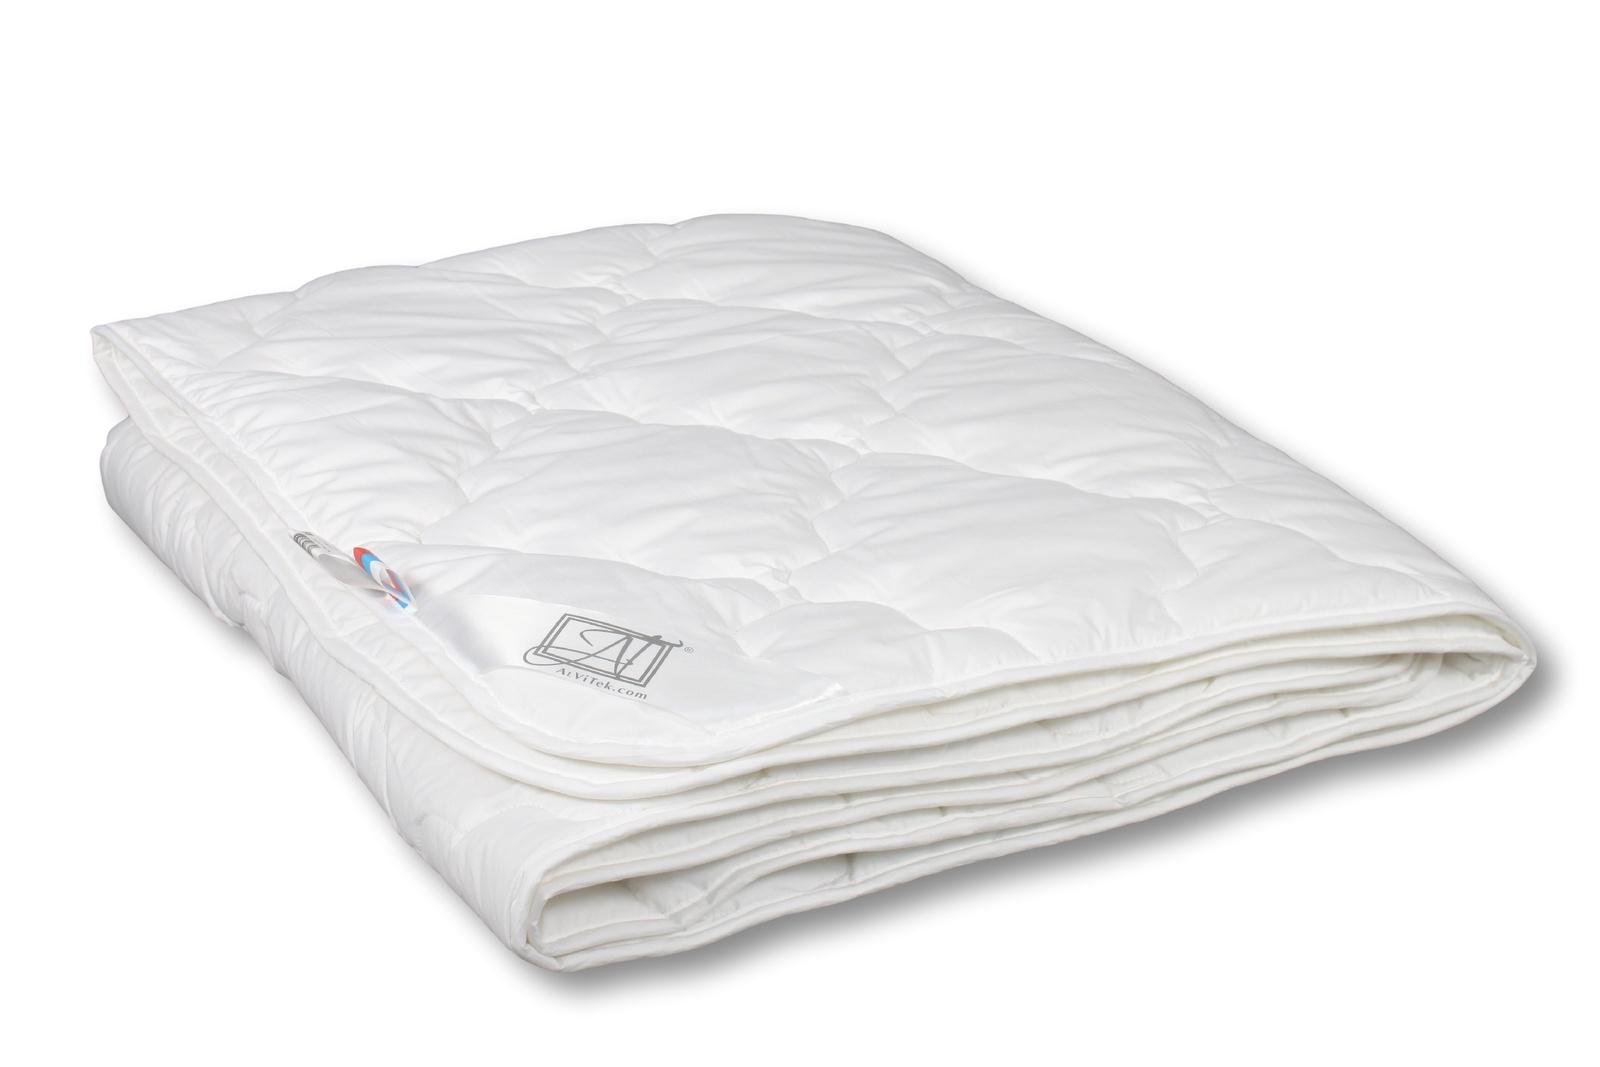 Одеяло Альвитек Эвкалипт легкое, размер: 200 х 220 одеяло легкое william roberts sensual tencel наполнитель эвкалиптовое волокно 155 х 200 см